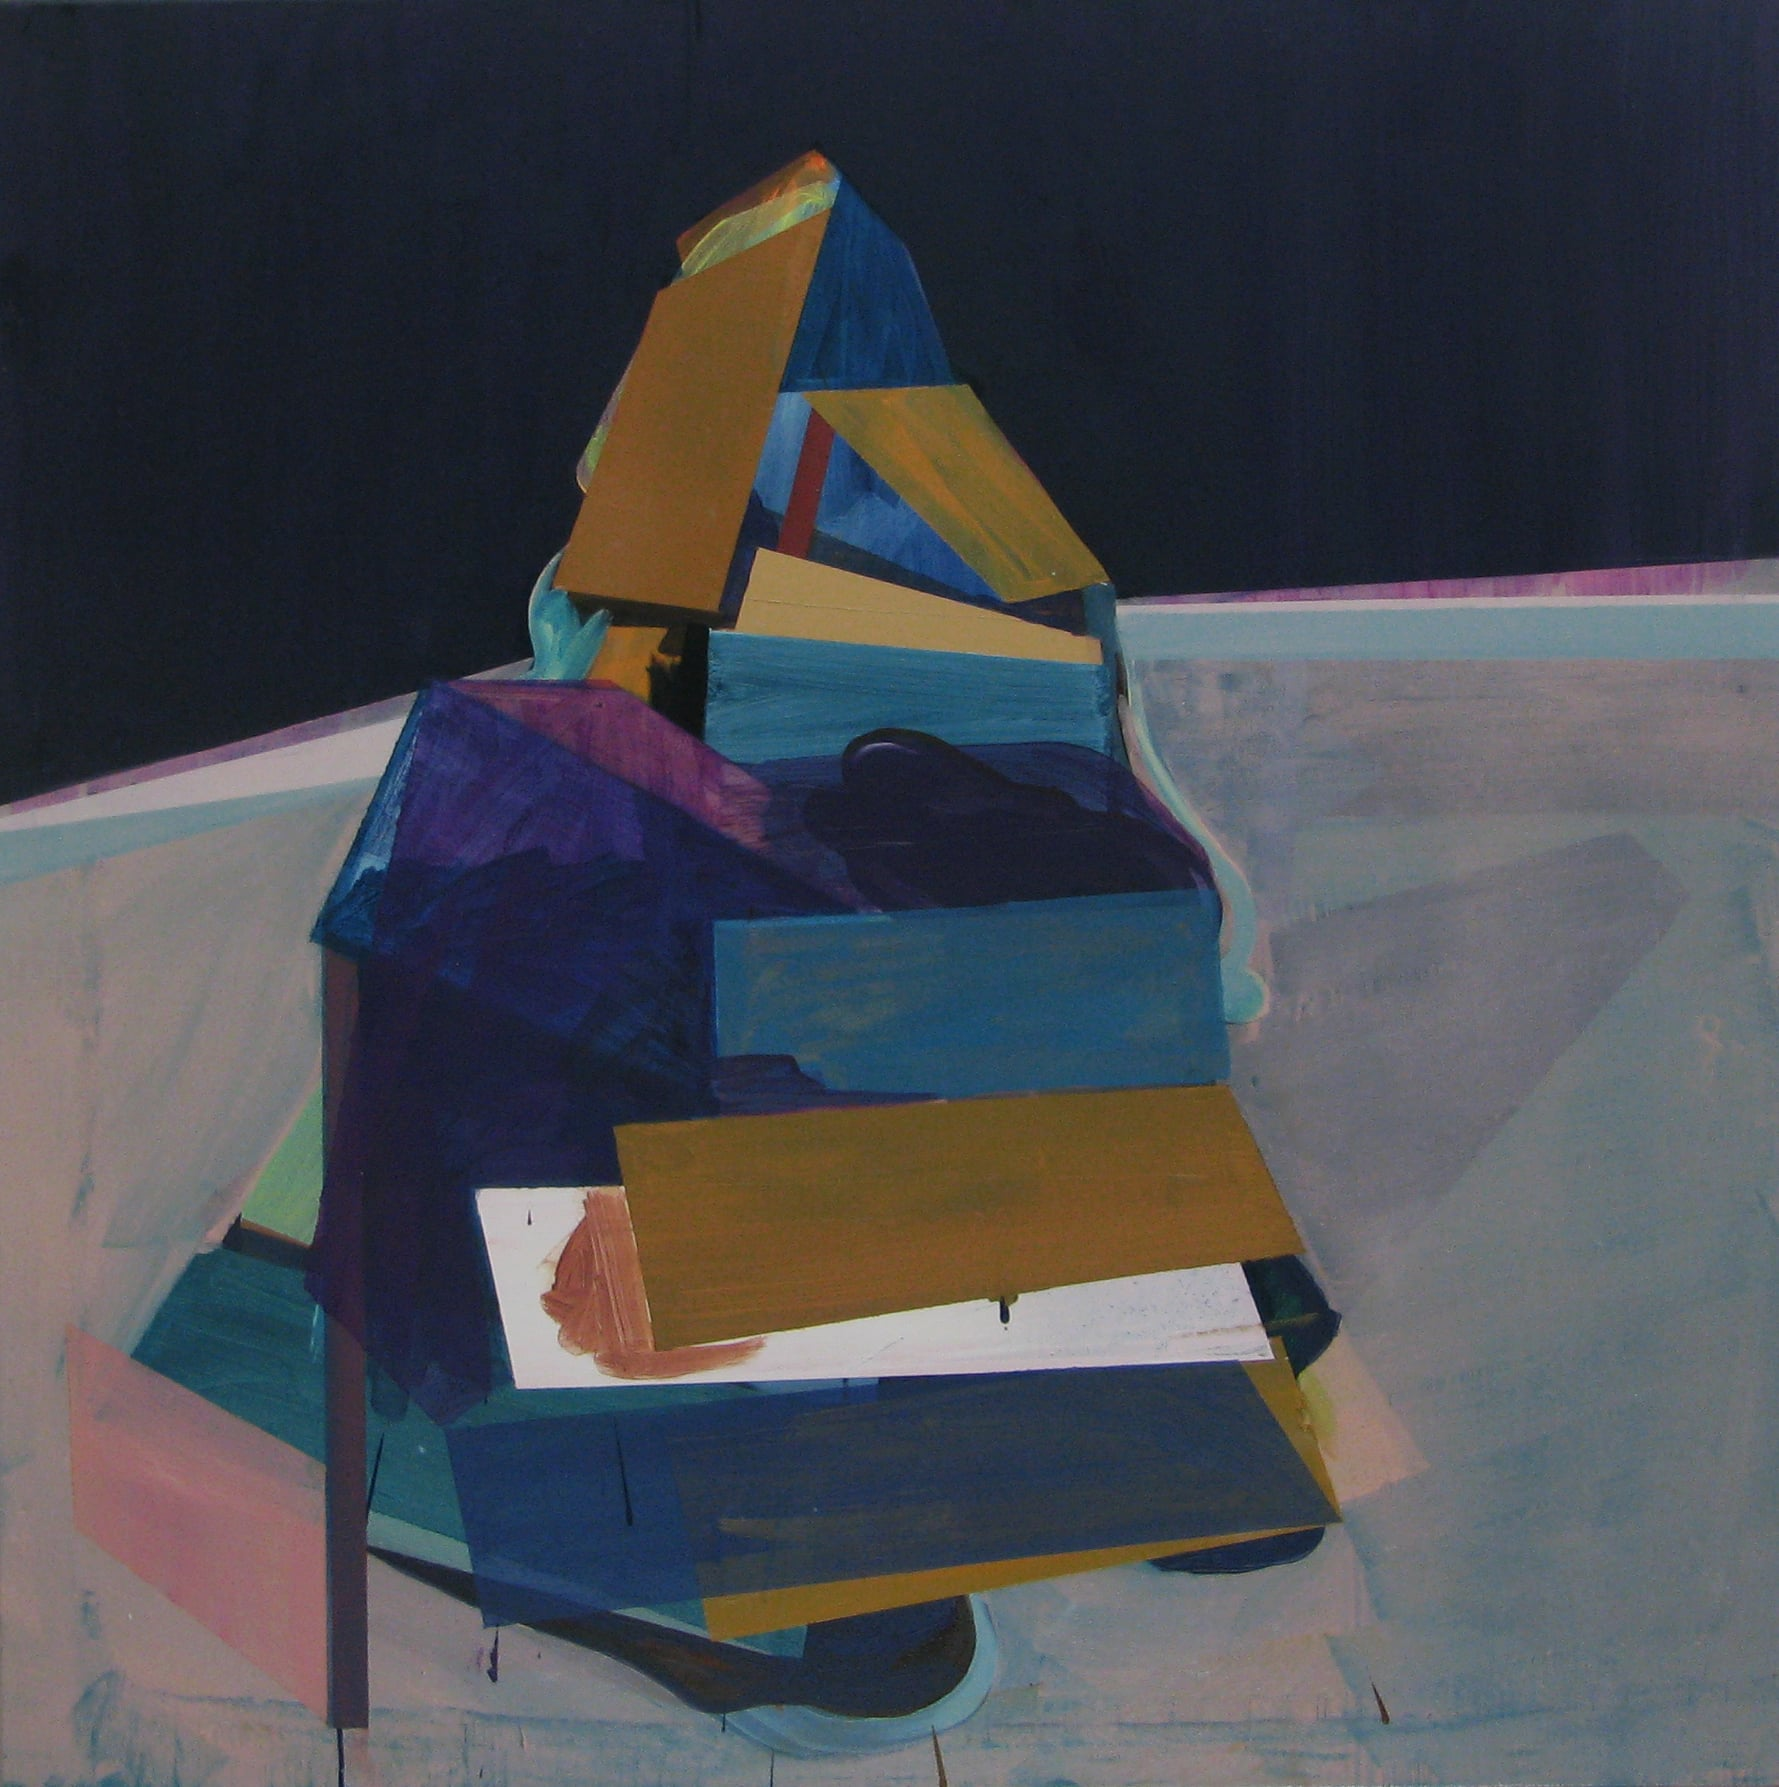 'Yummy' 2011 Oil on canvas 110 x 100cm